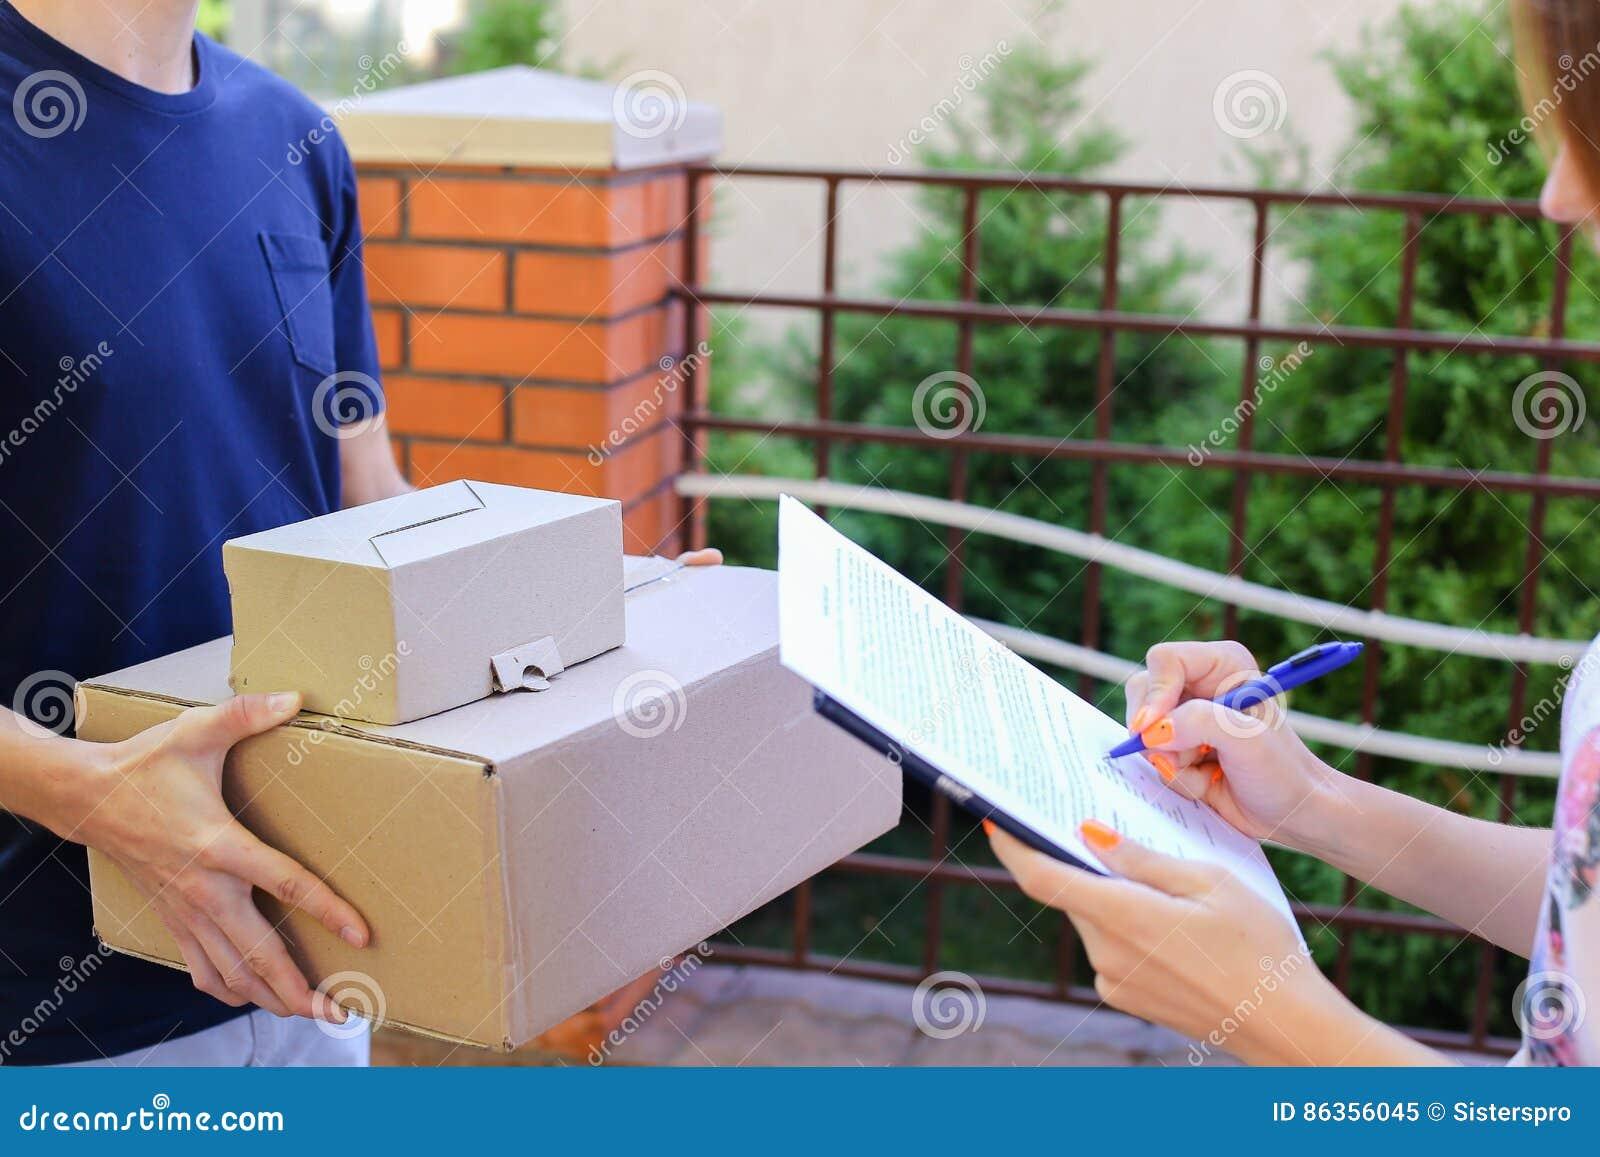 Ο αγγελιαφόρος ατόμων φέρνει τη διαταγή στον πελάτη, δίνει τη μάνδρα και το έγγραφο στα SIG